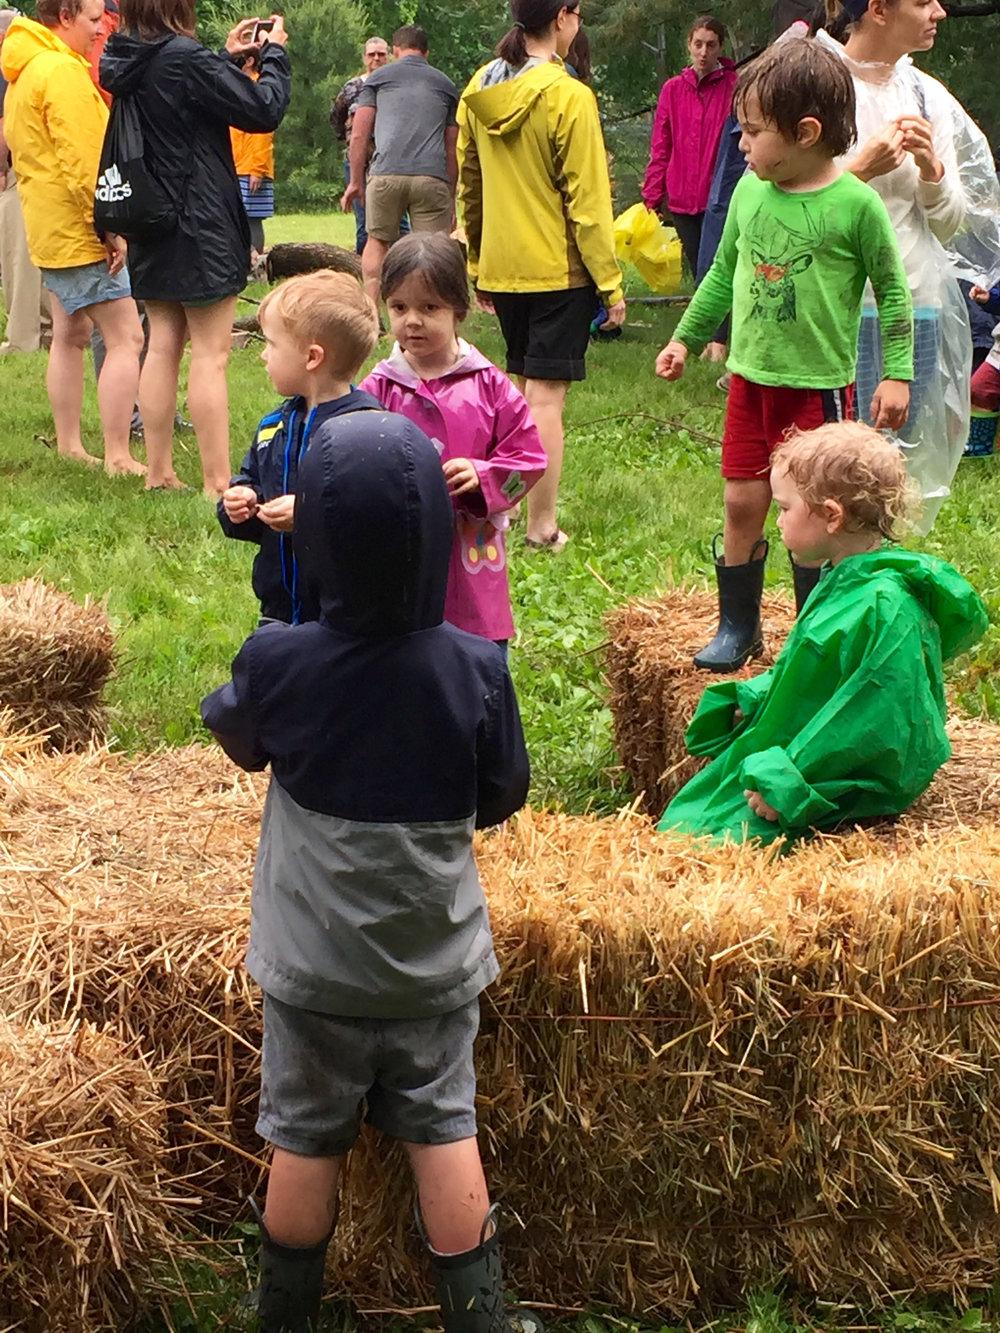 kids and hay bales.jpg